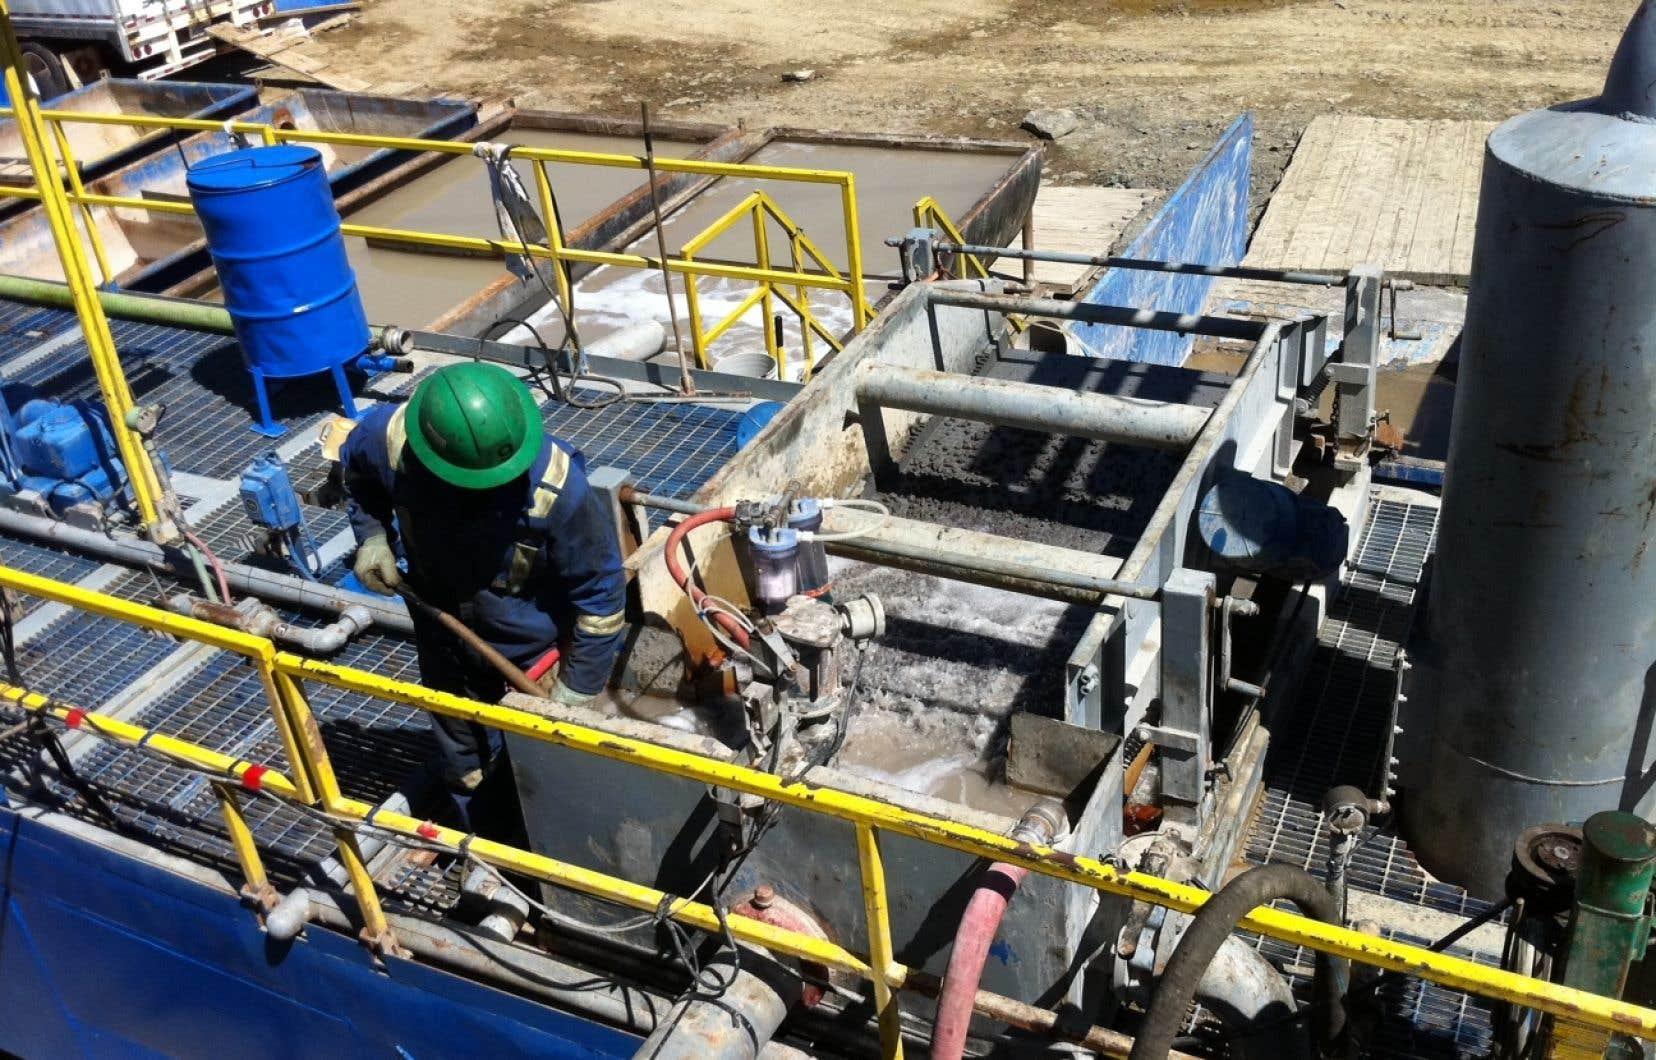 Pour transporter le pétrole de la Gaspésie jusqu'aux raffineurs, Junex a par ailleurs prévu de recourir au transport routier, selon ce qui se dégage des documents.